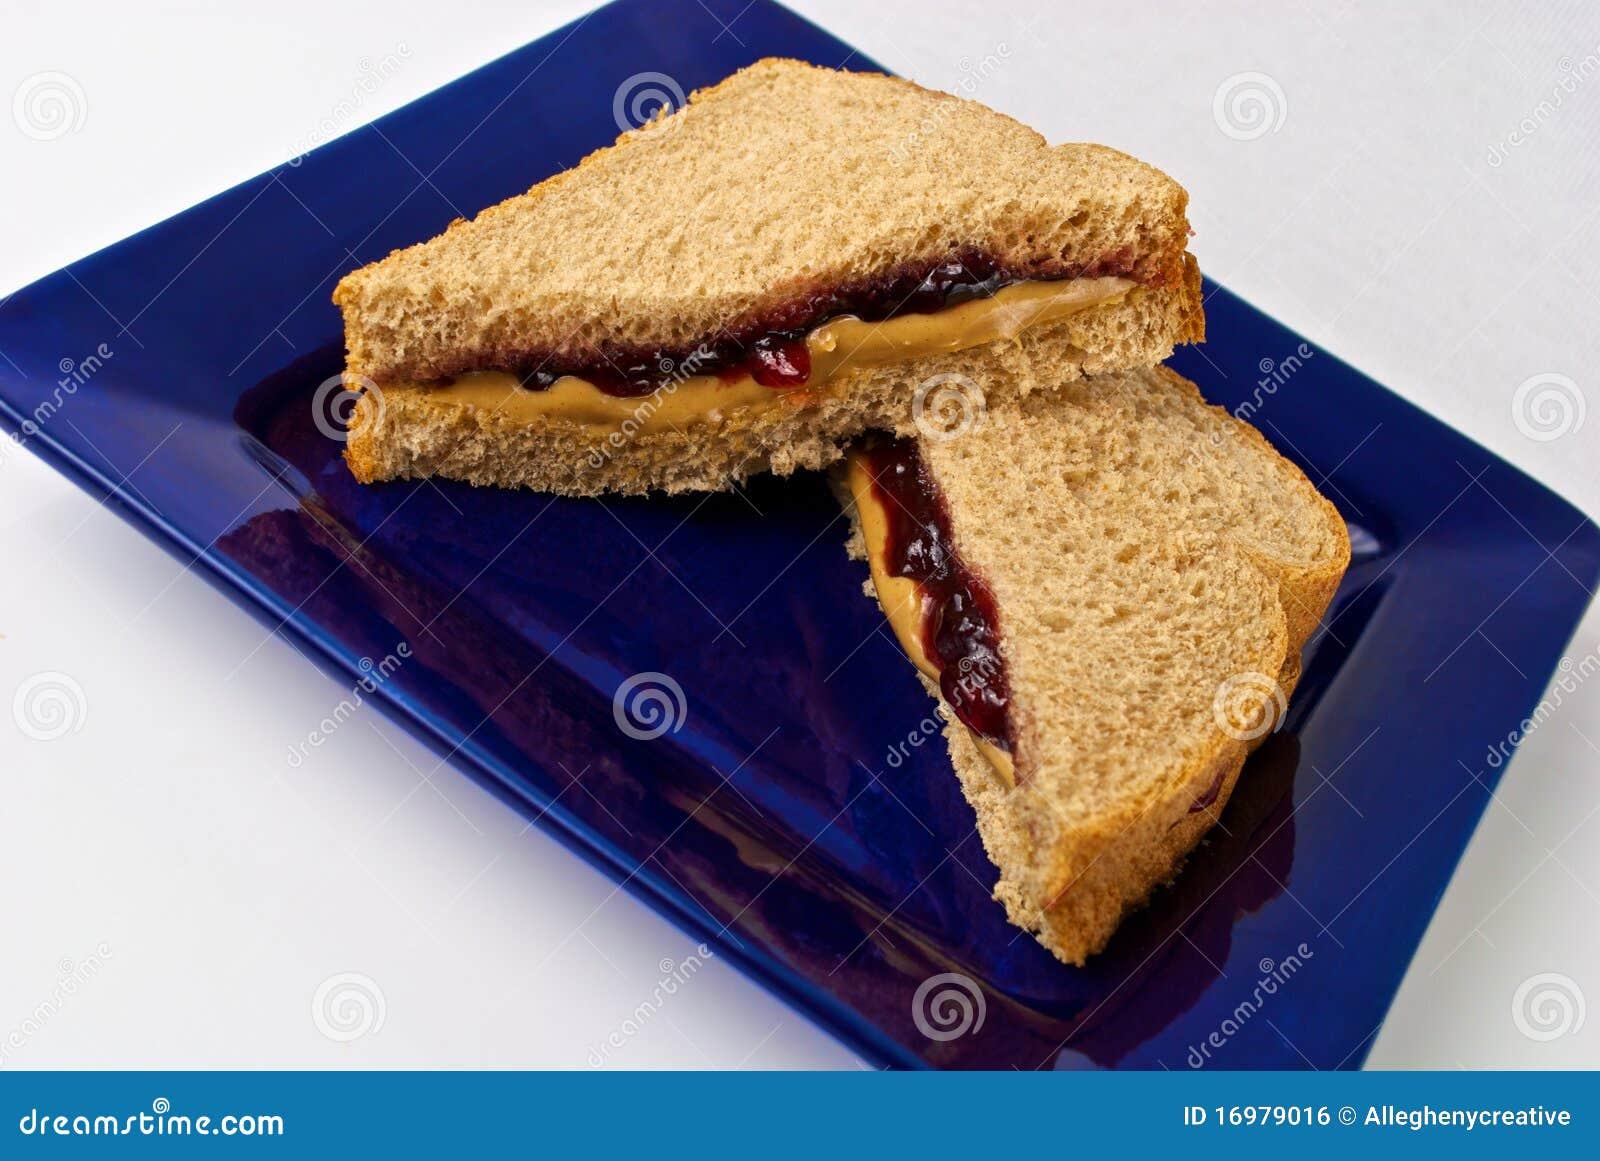 Burro di arachide e panino della gelatina